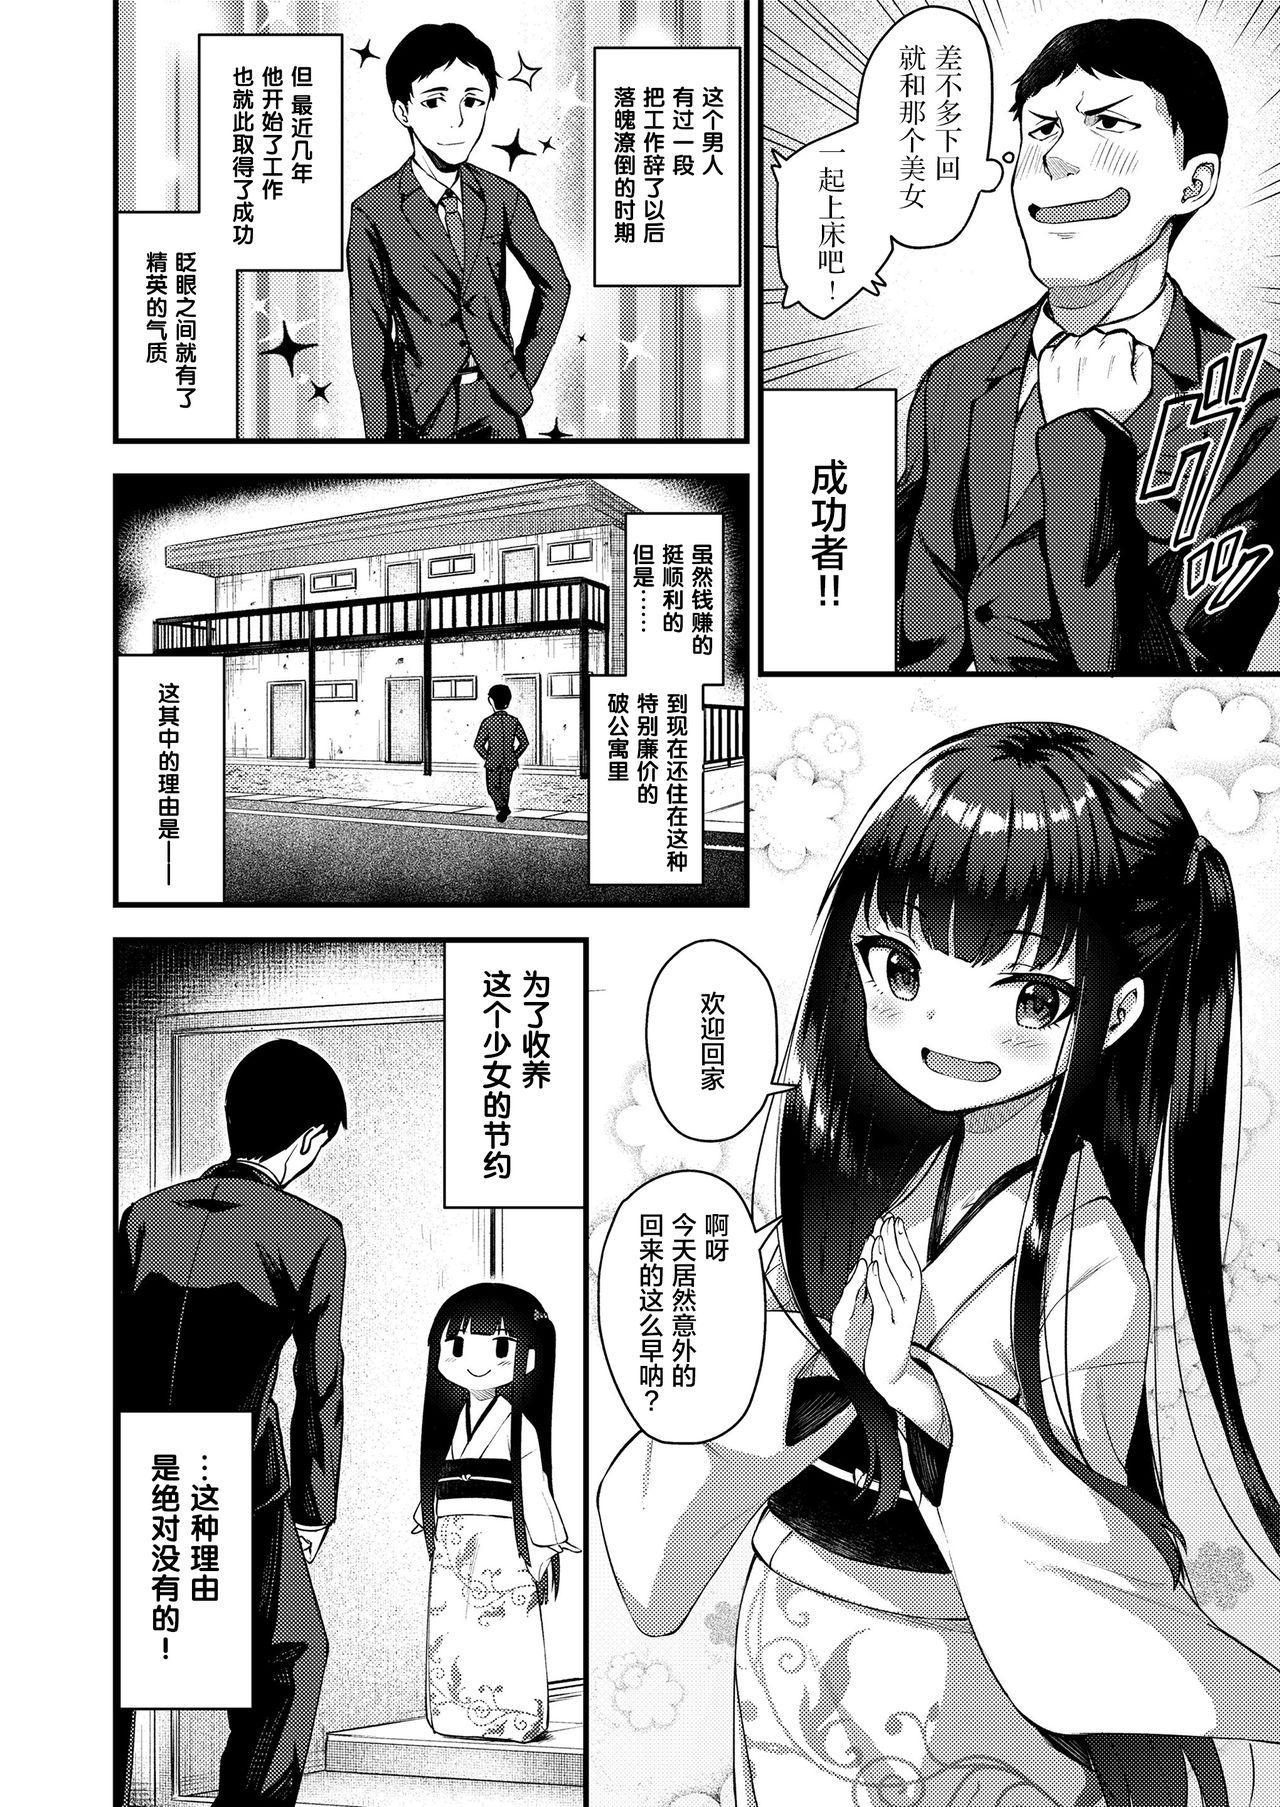 Towako Oboro Emaki Go 3